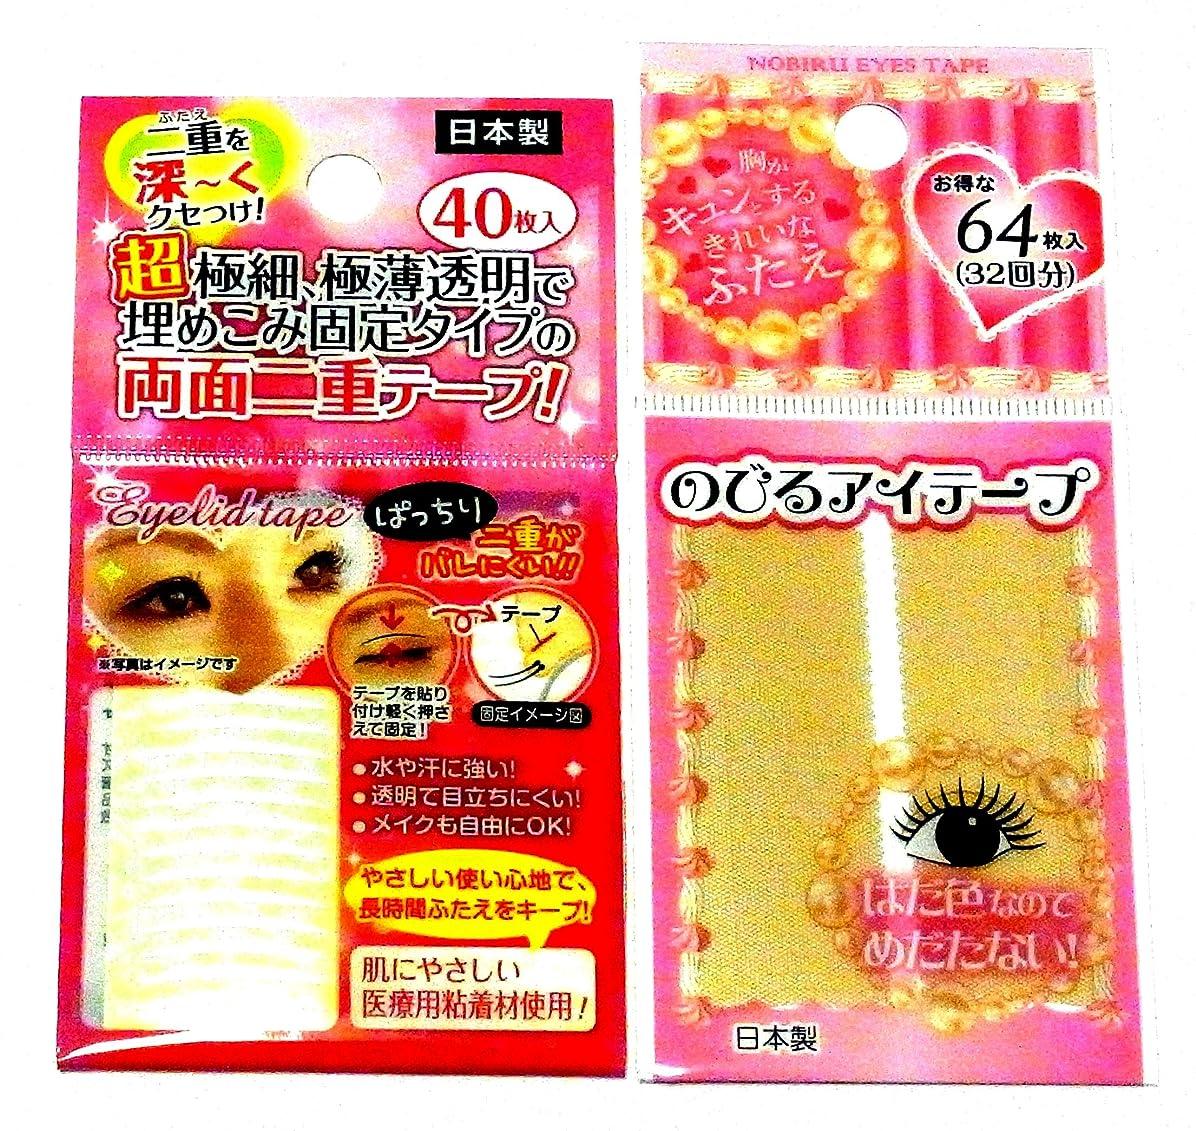 マニュアル達成する反応する日本製 アイテープ 2種 (二重 に変身 医療用テープを使用)